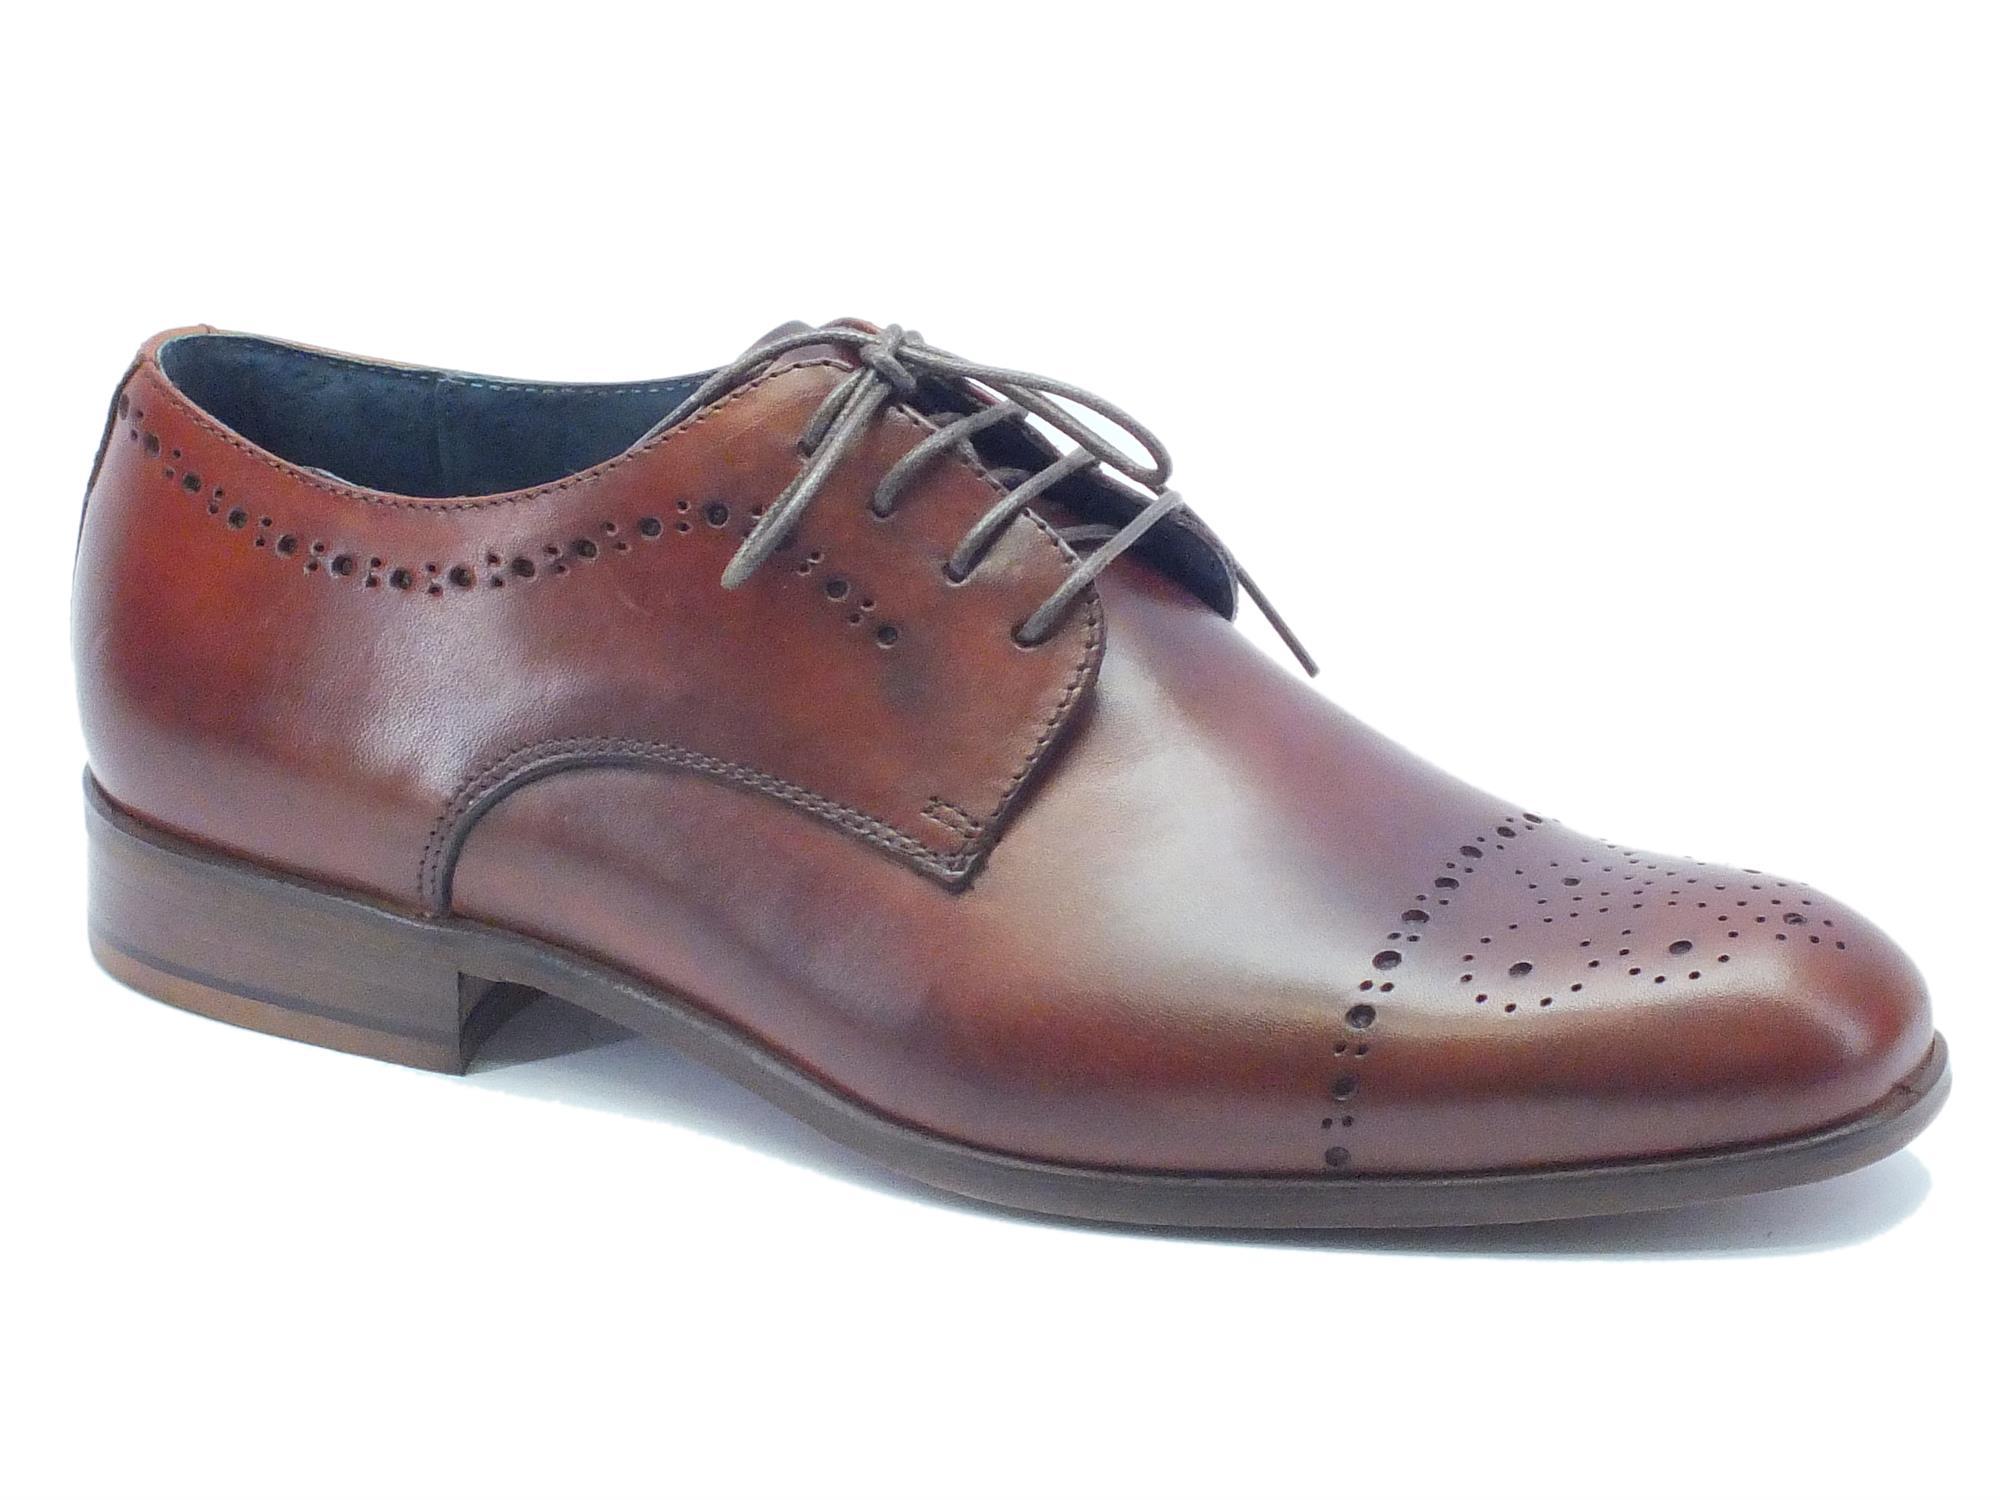 Scarpe classiche da uomo NicolaBenson pelle marrone - Vitiello Calzature 8c0ae3864a7